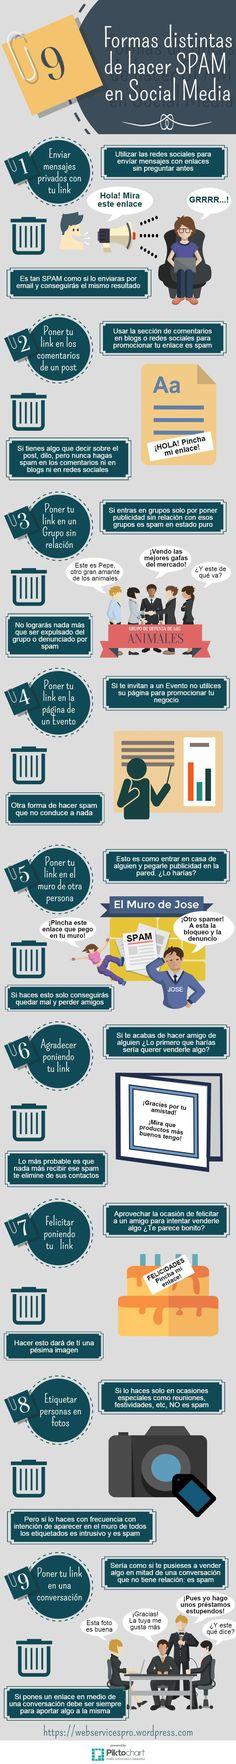 9 formas de hacer Spam en Redes Sociales #infografia #infographic #socialmedia   TICs y Formación